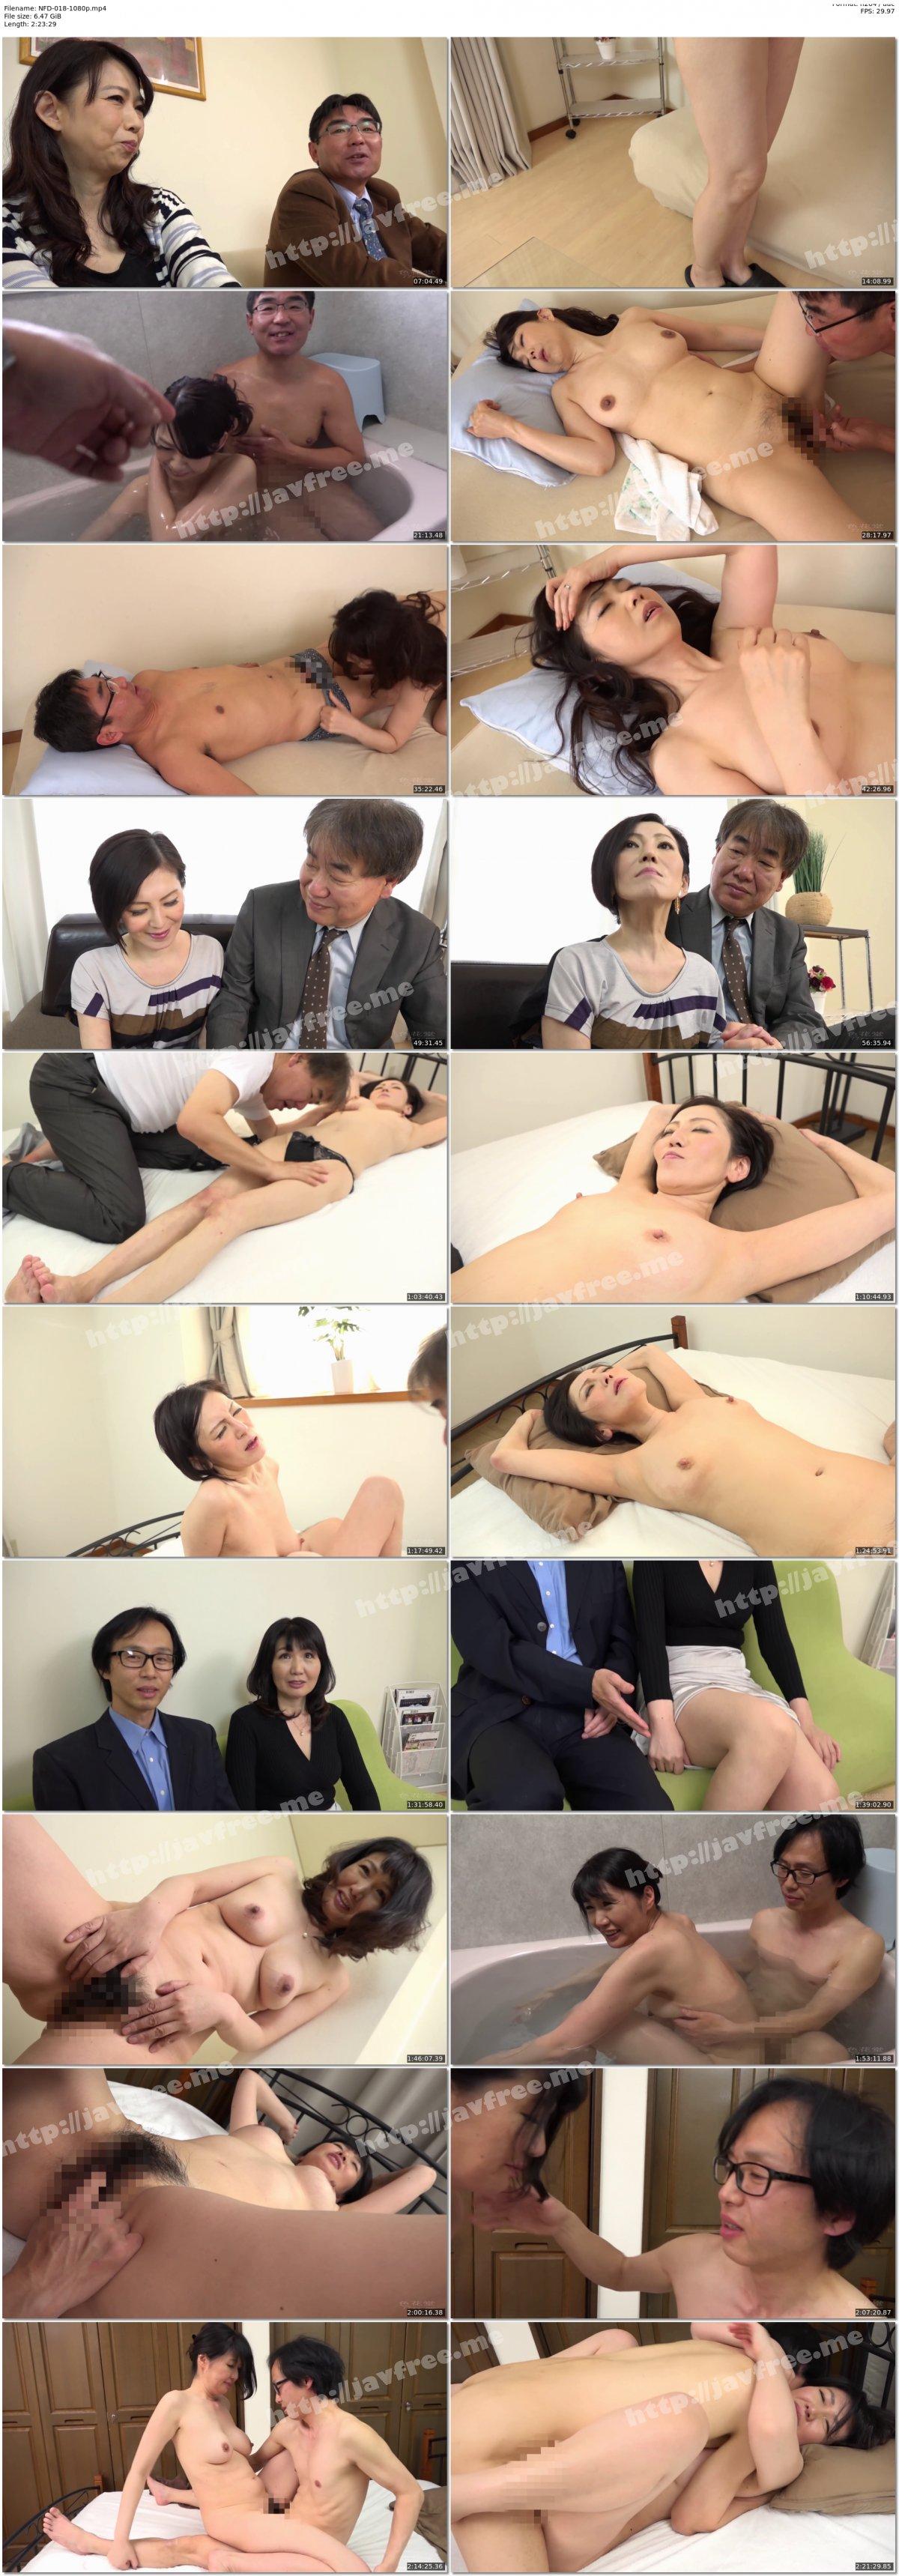 [HD][NFD-018] 実録 中高年の夫婦生活 参 3組のカップルの充実したセックスライフ - image NFD-018-1080p on https://javfree.me